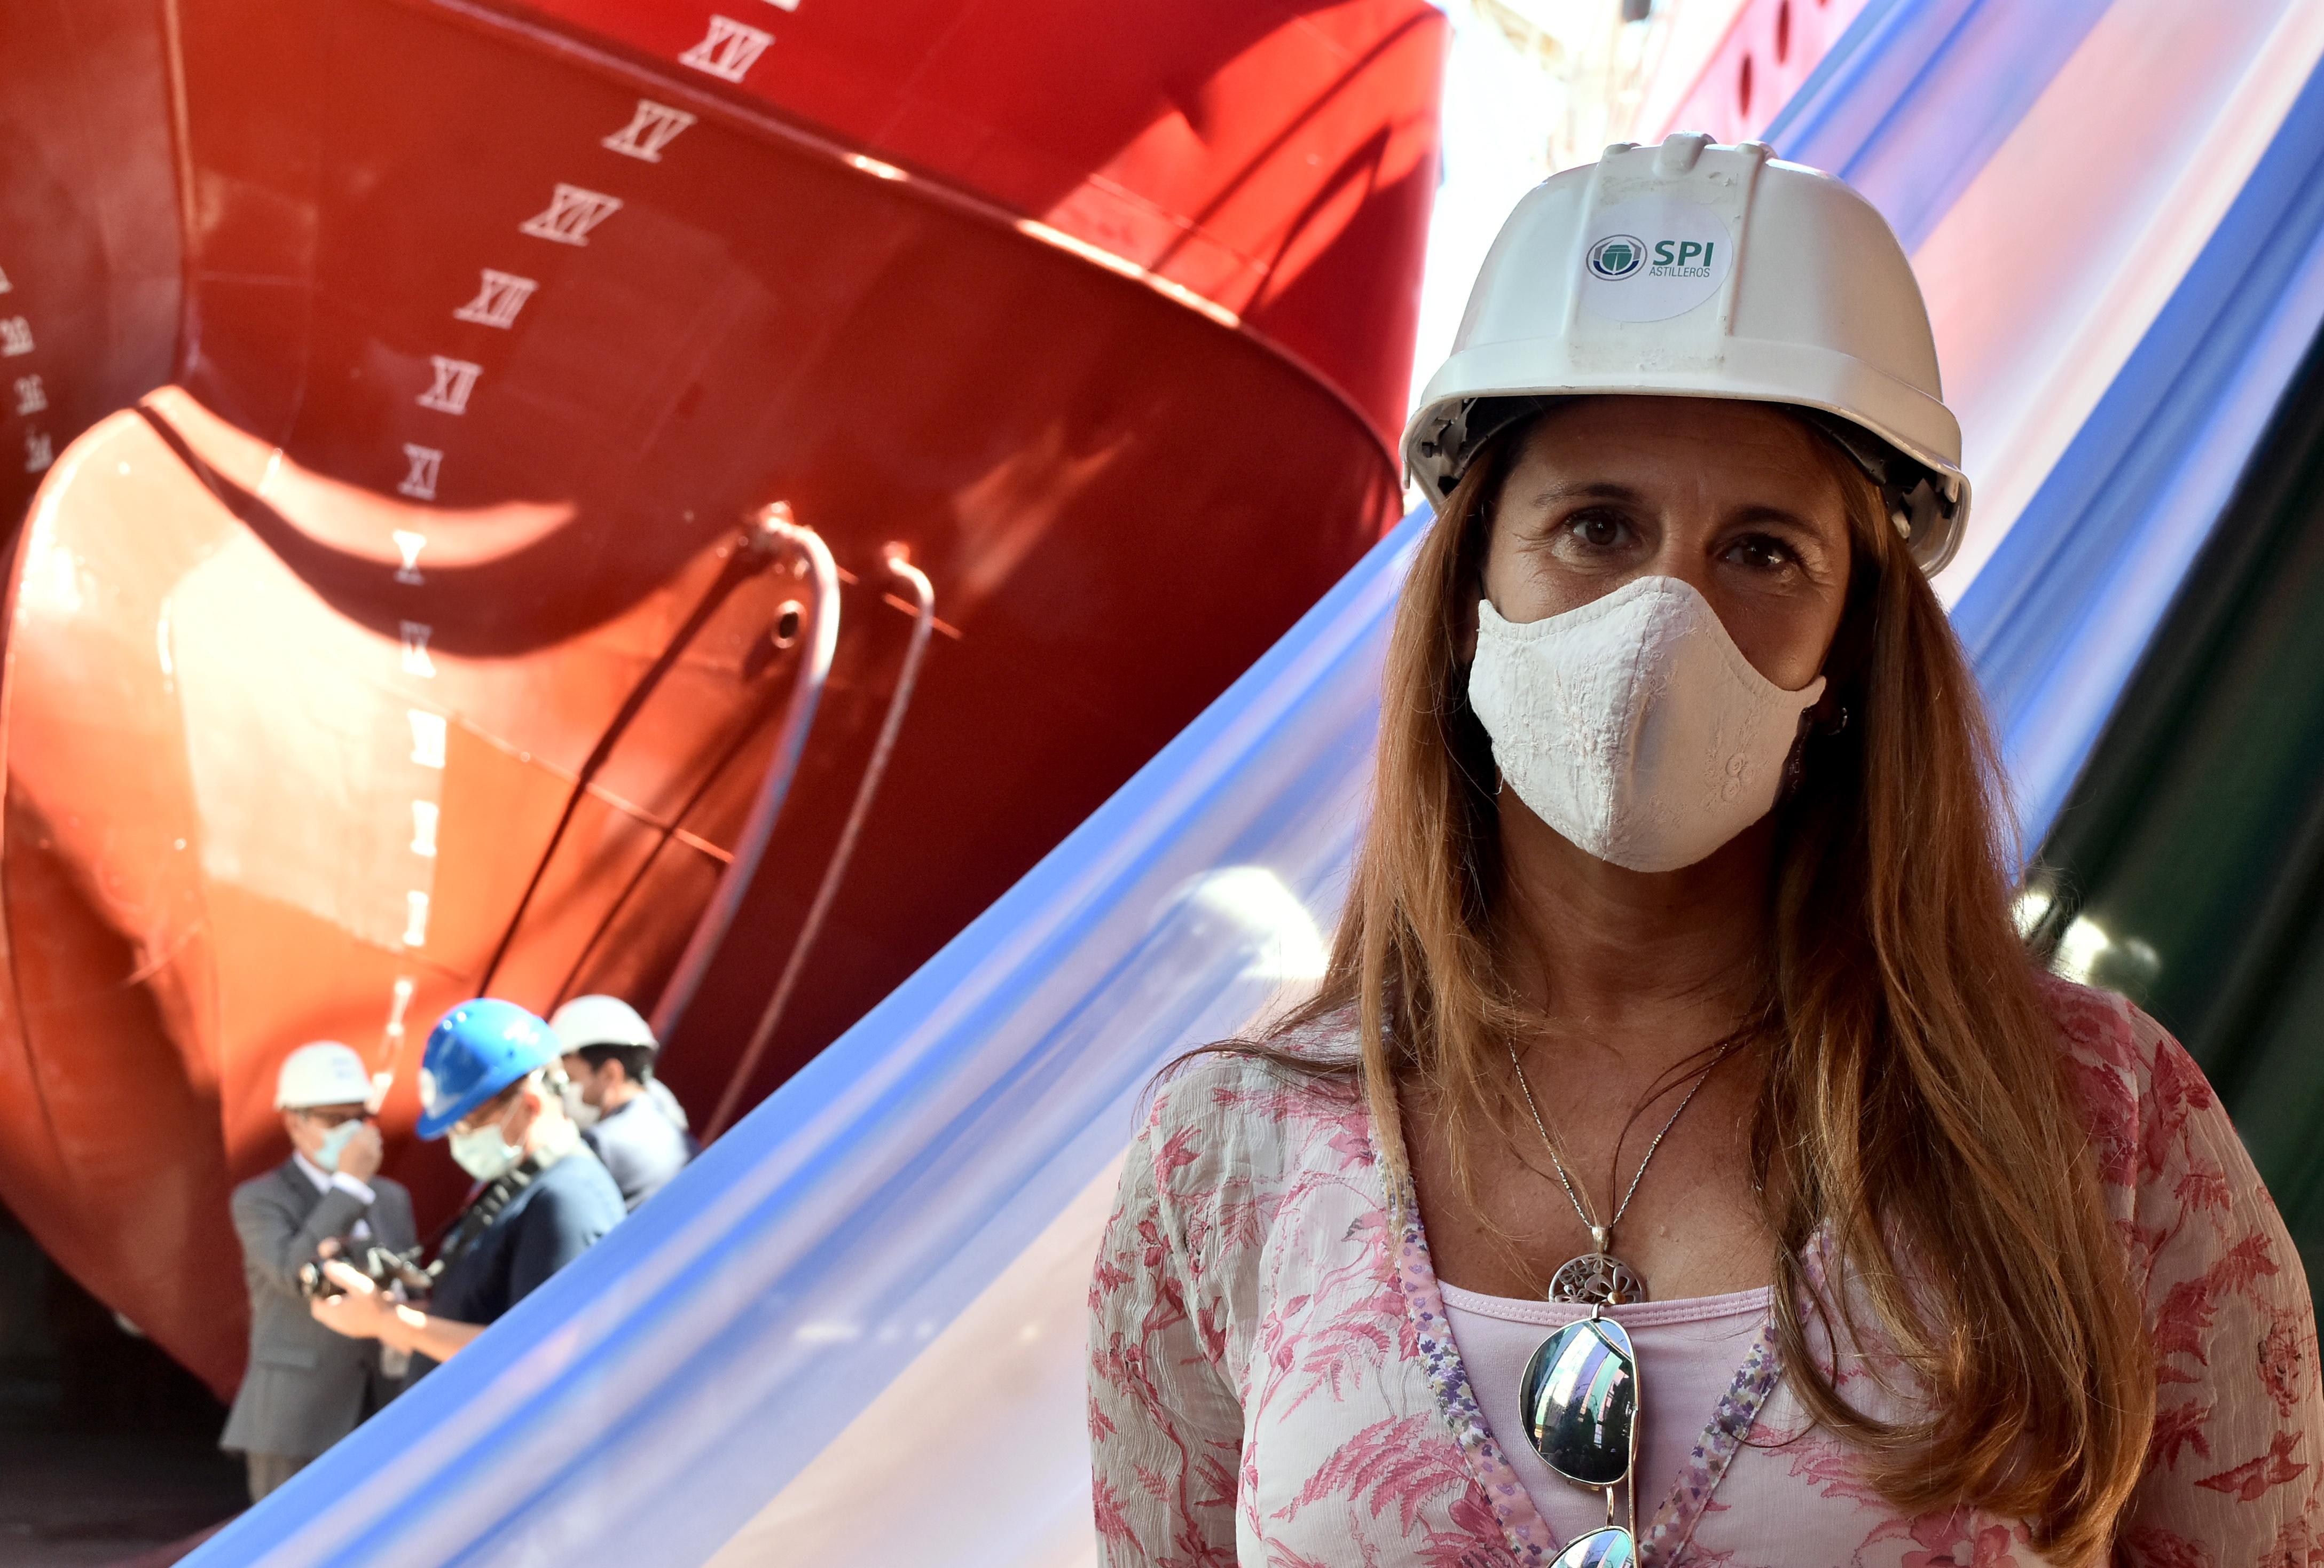 La subsecretaria de Economía del Conocimiento posa para LA CAPITAL en su visita a SPI Astilleros.